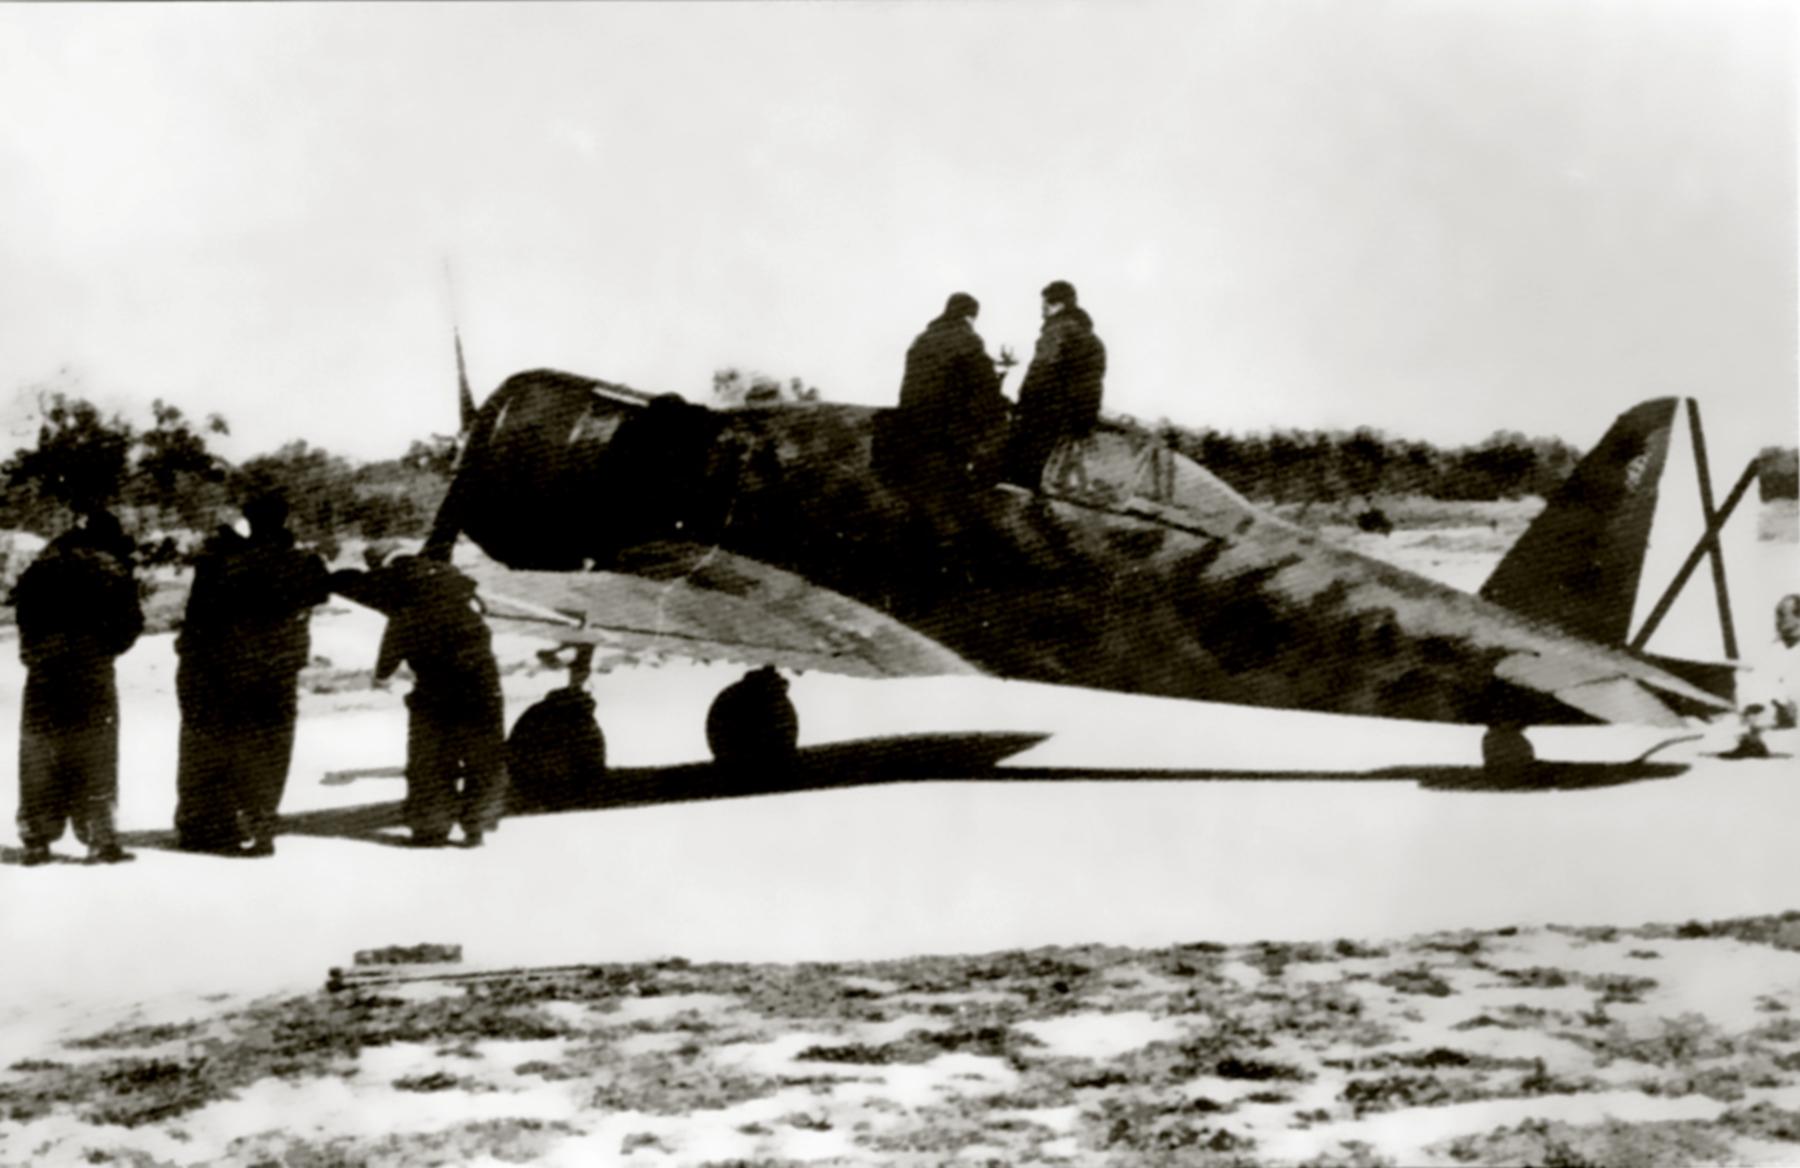 Fiat G50 Aviazione Legionaria 13 Gruppo Caccia MM3575 Enzo Martizza Reus Spain Mar 1939 02